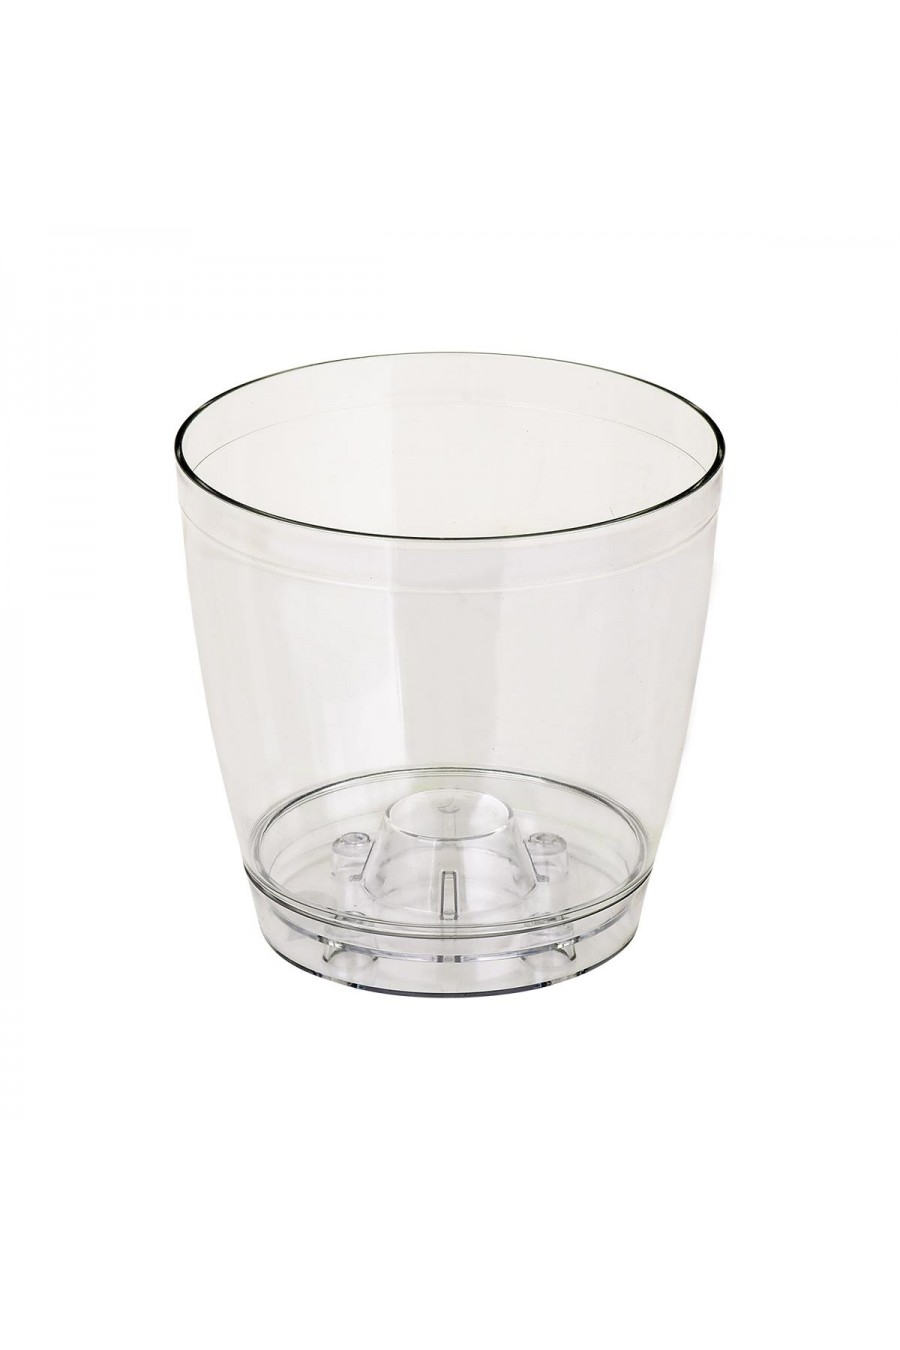 PlastArt Kristal Orkide Saksı | 2,3 lt.